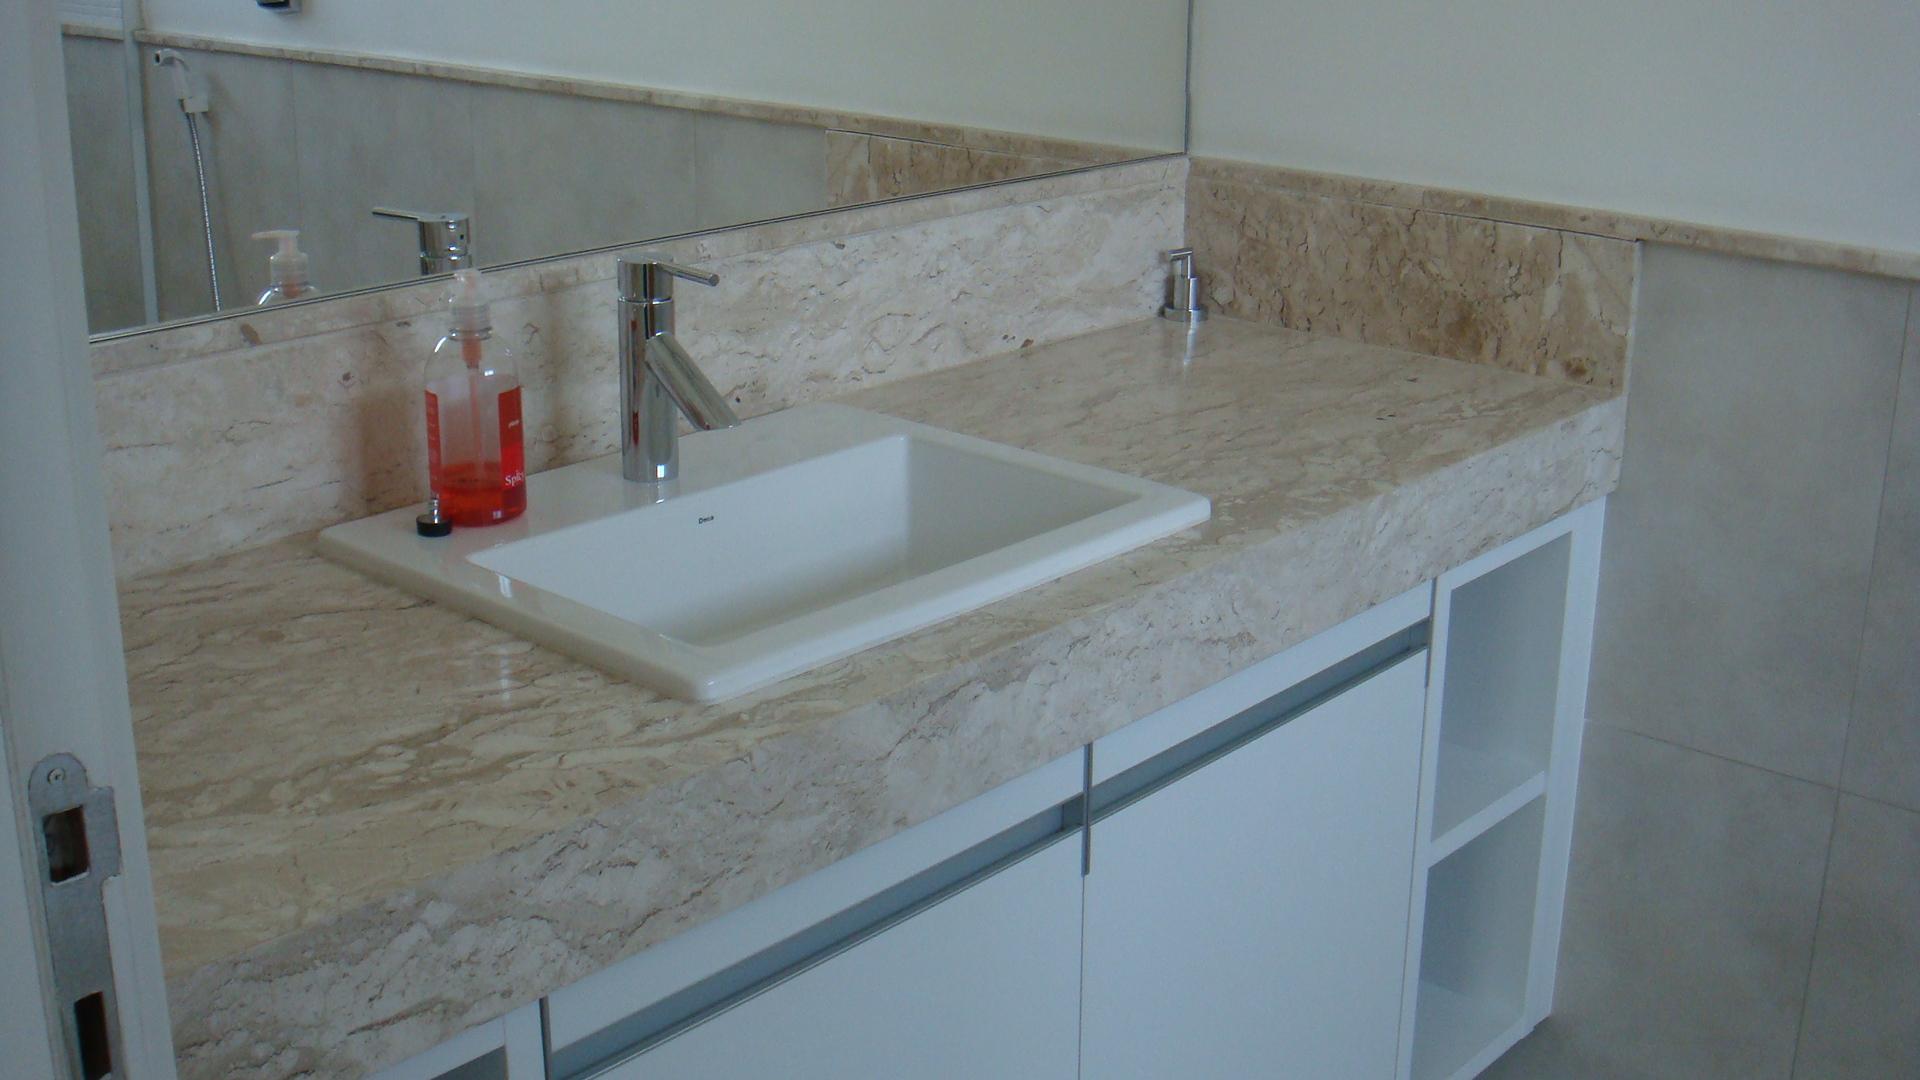 Banheiro Bancada Travertino  rinkratmagcom banheiros decorados 2017 -> Banheiro Decorado Granito